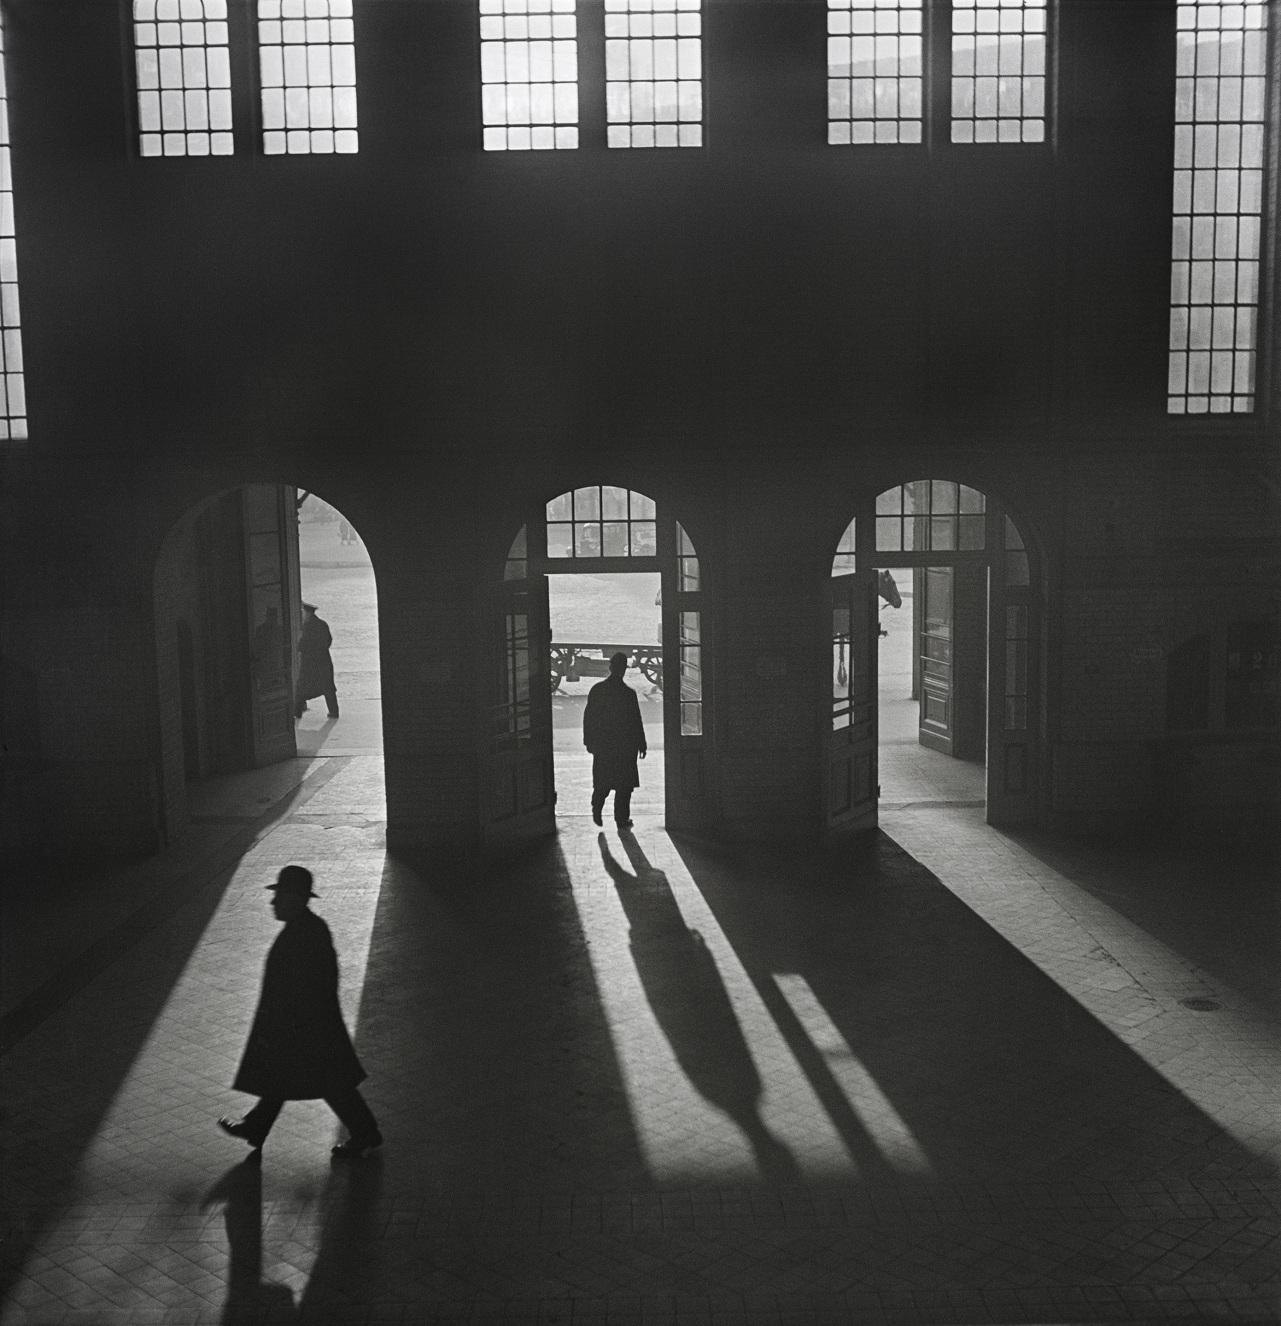 Wnętrze dworca kolejowego Anhalter Bahnhof w pobliżu Potsdamer Platz w Berlinie, przełom lat 20. i 30. XX wieku (fot.    Mara Vishniac Kohn, dzięki uprzejmości  International Center of Photography)